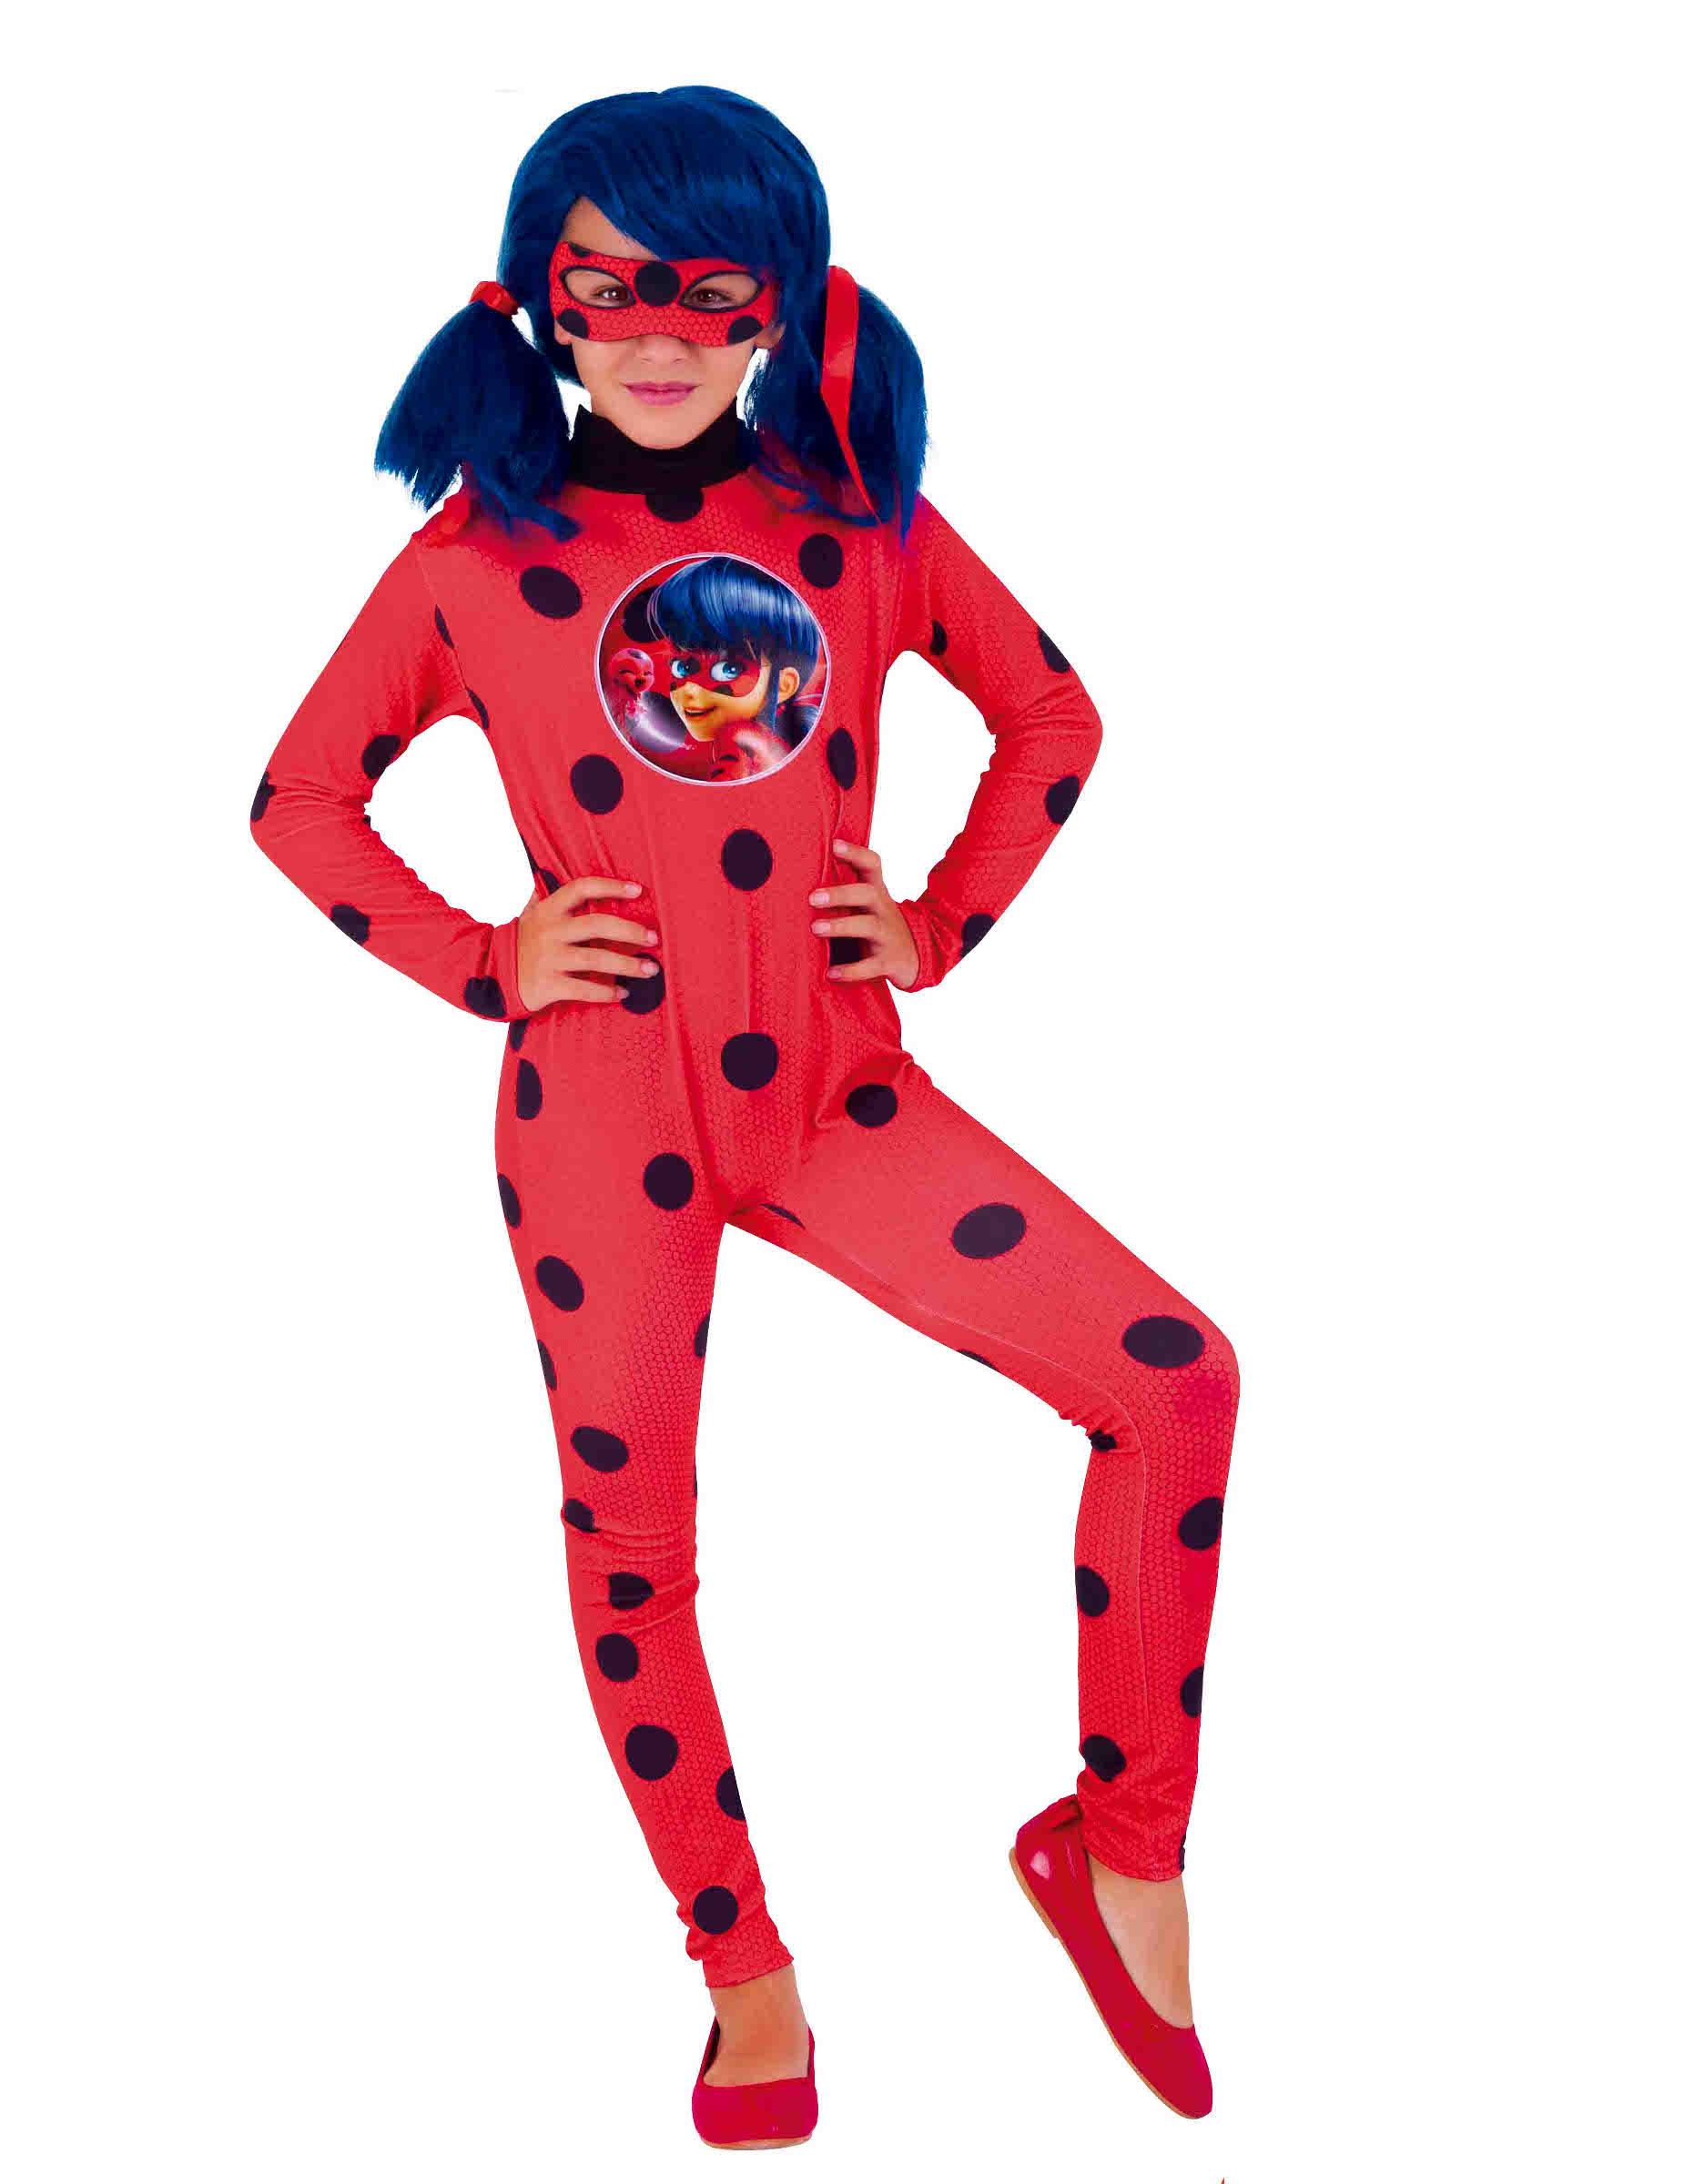 d guisement combinaison ladybug fille deguise toi achat de d guisements enfants. Black Bedroom Furniture Sets. Home Design Ideas